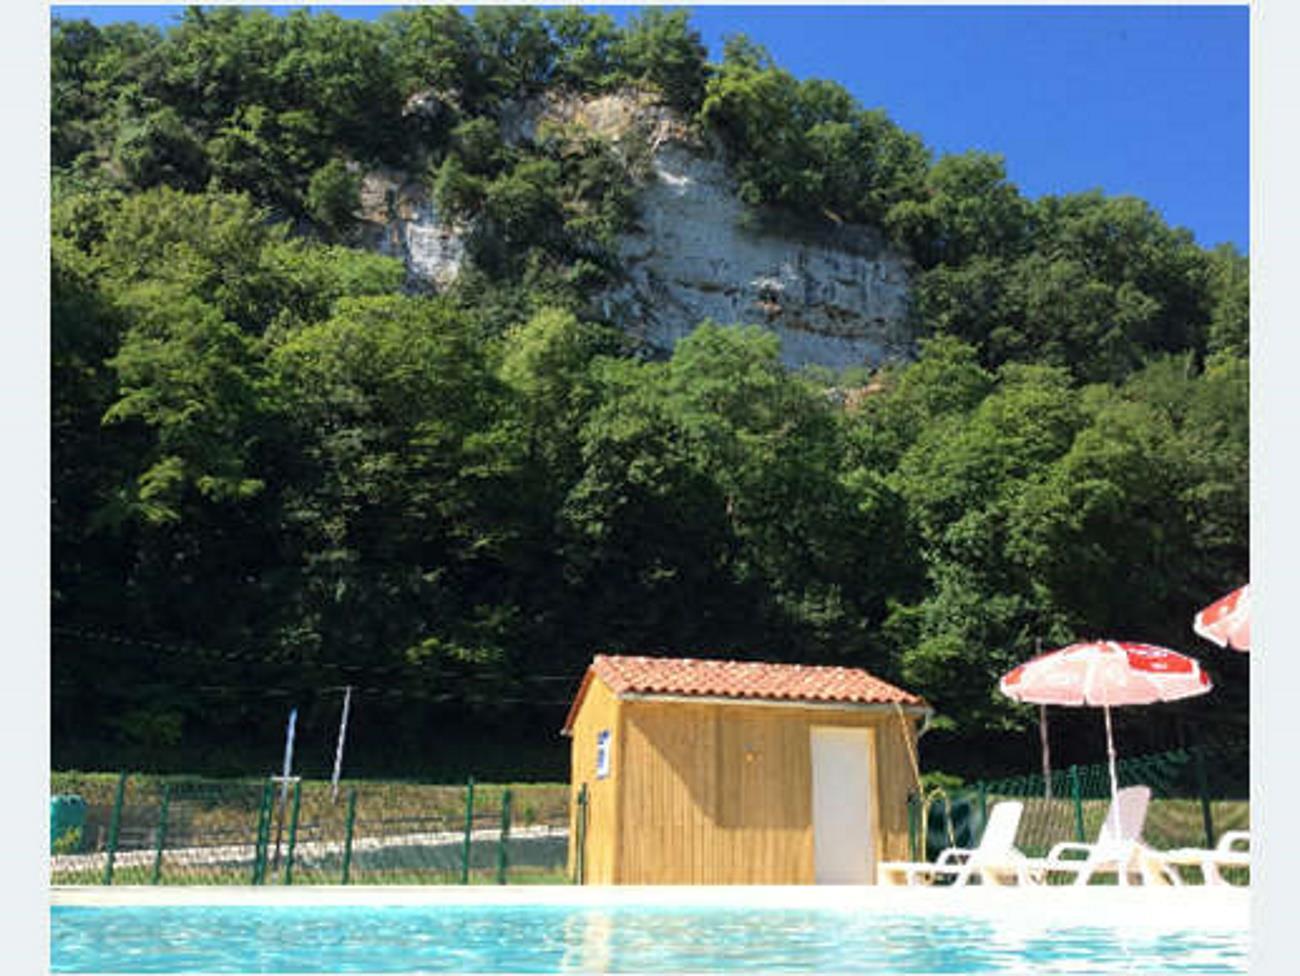 Camping Moulin de Caudon, Domme, Dordogne